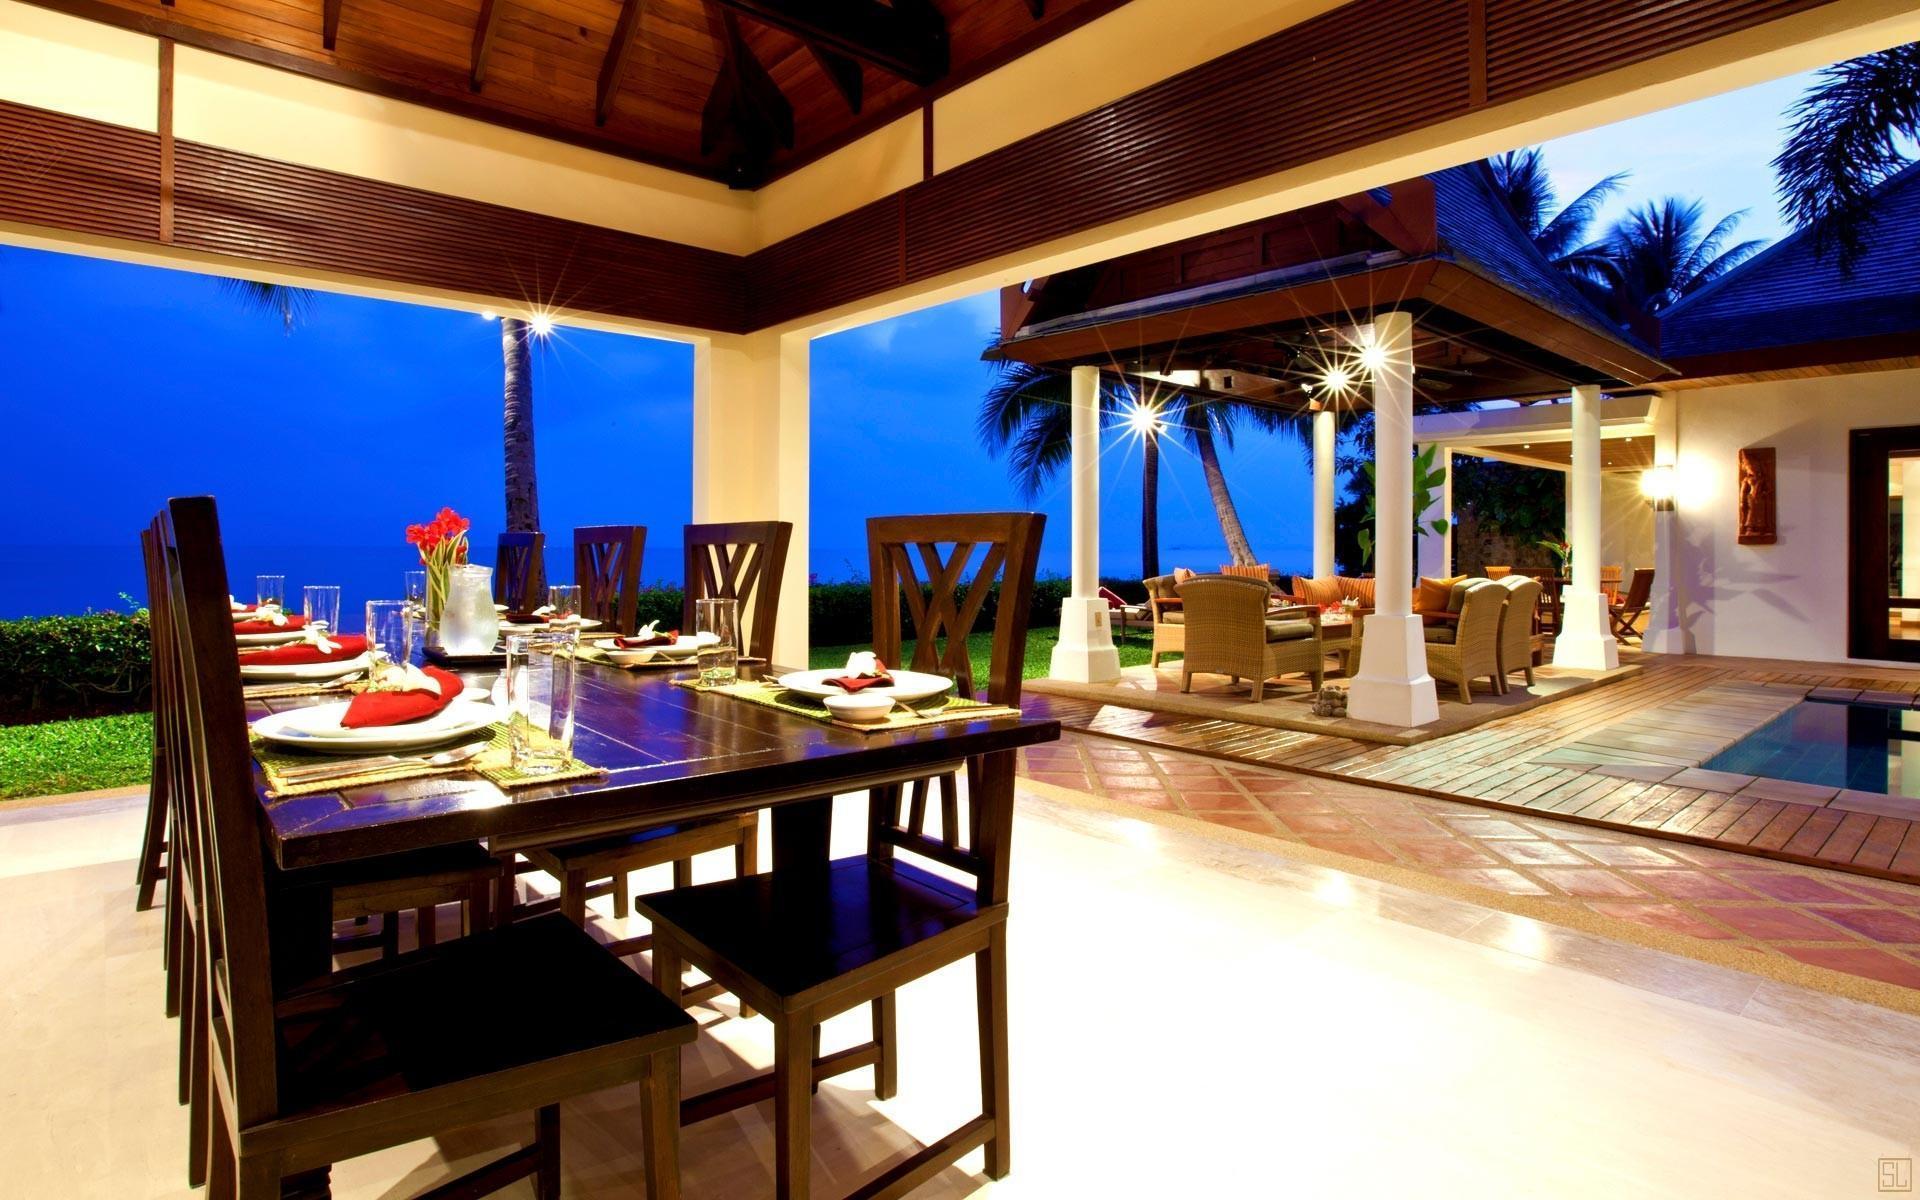 泰国苏梅岛密斯卡湾黄兰别墅餐厅